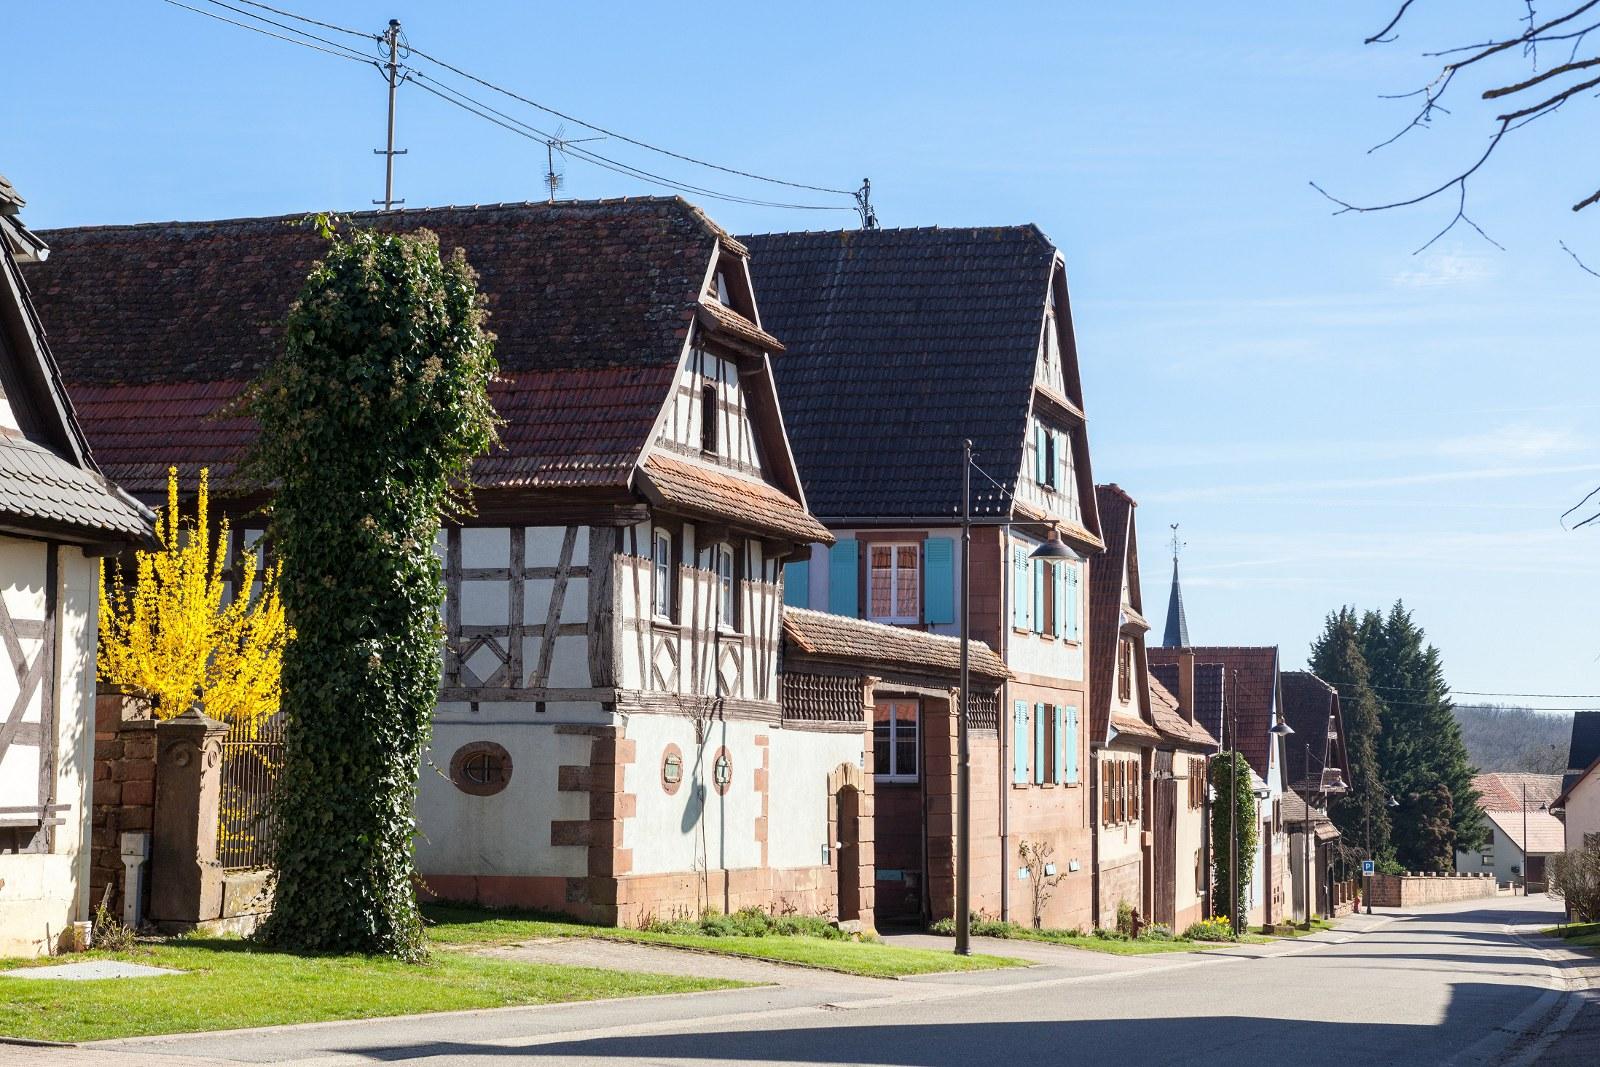 Sentier des maisons à colombages